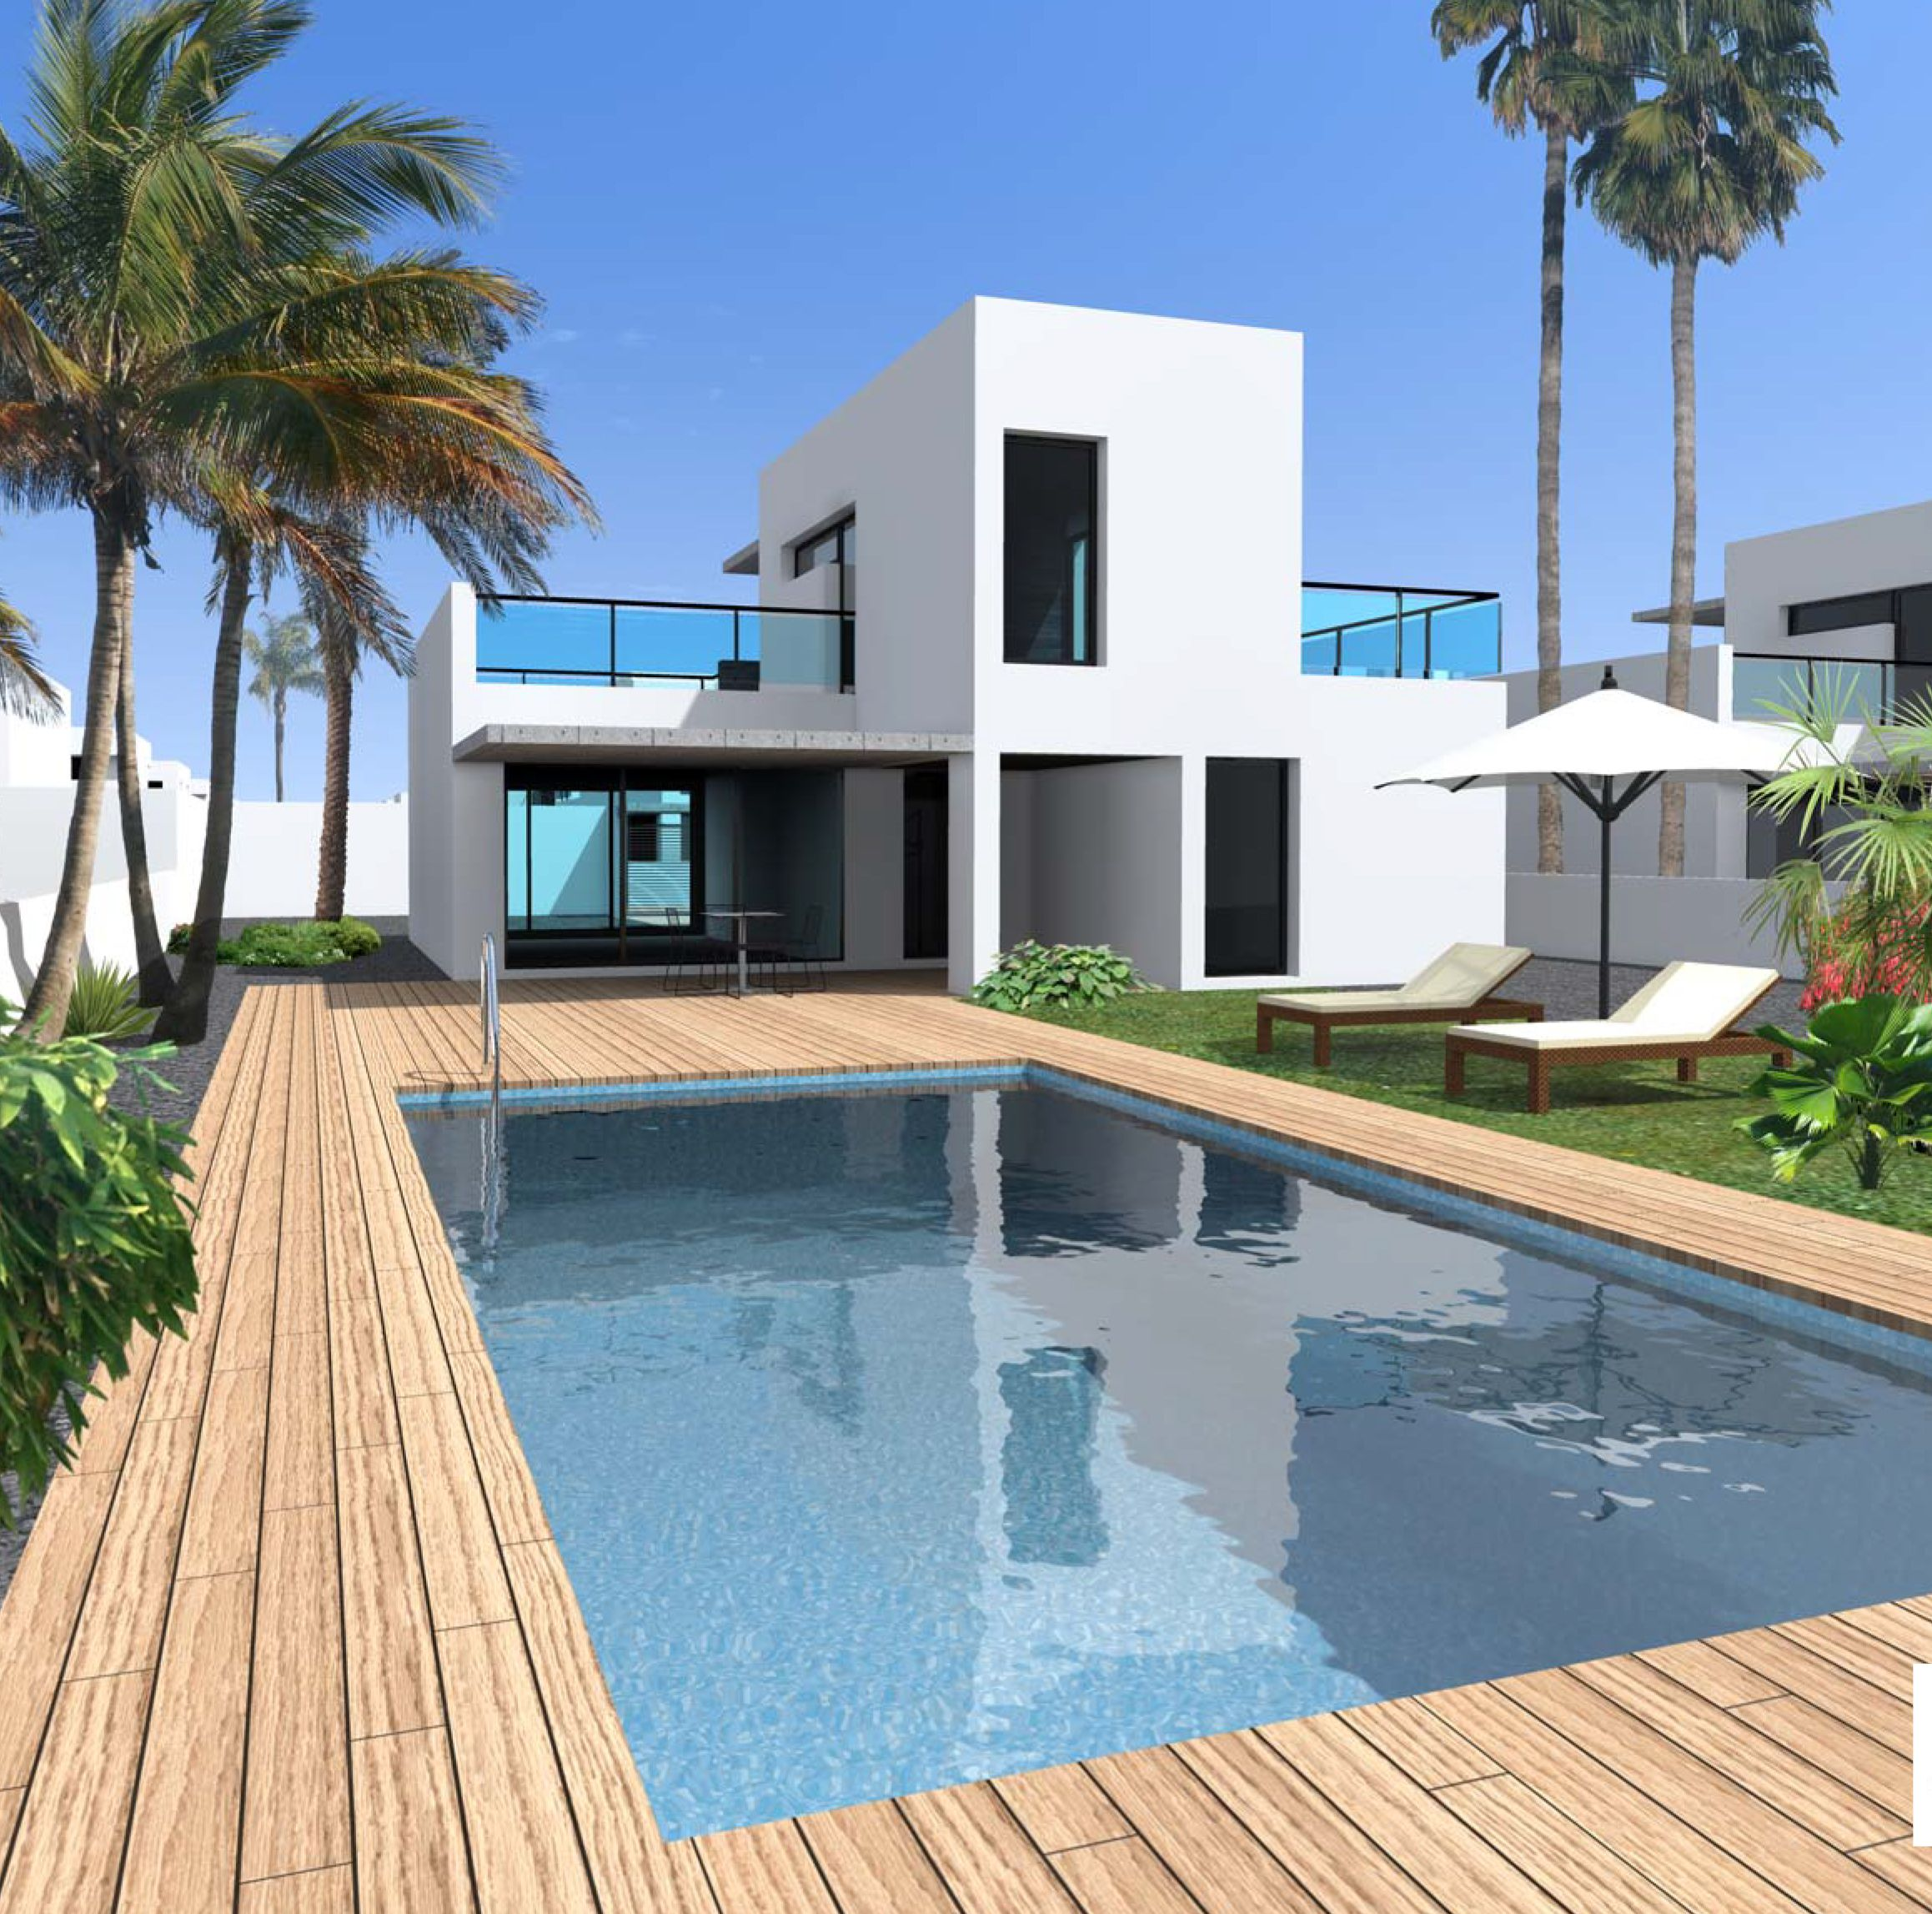 Viviendas a la venta en Fuerteventura Islas Canarias